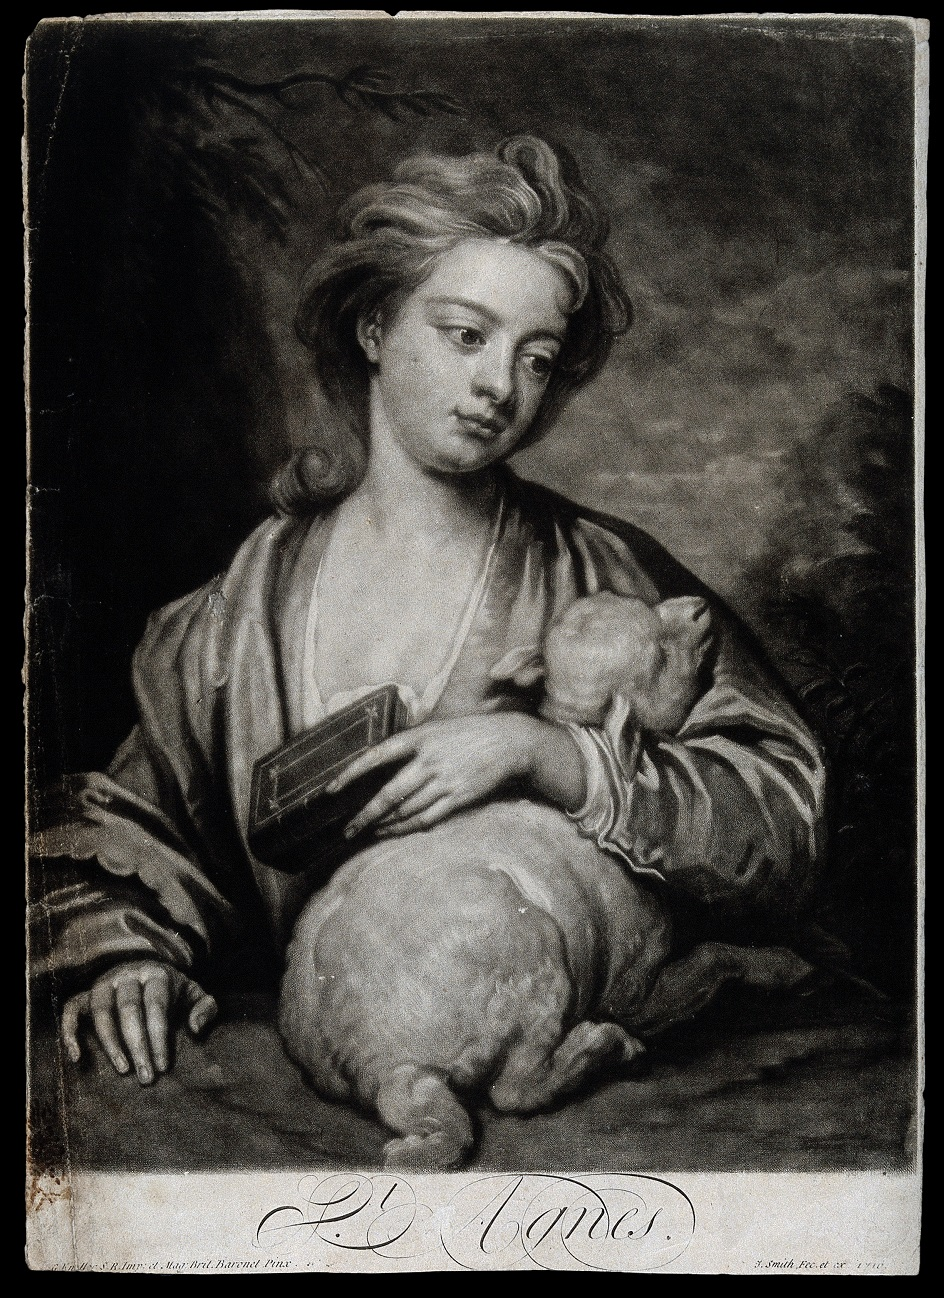 Меццо-тинто. Джон Смит. Гравюра «Святая Агнесса», 1715